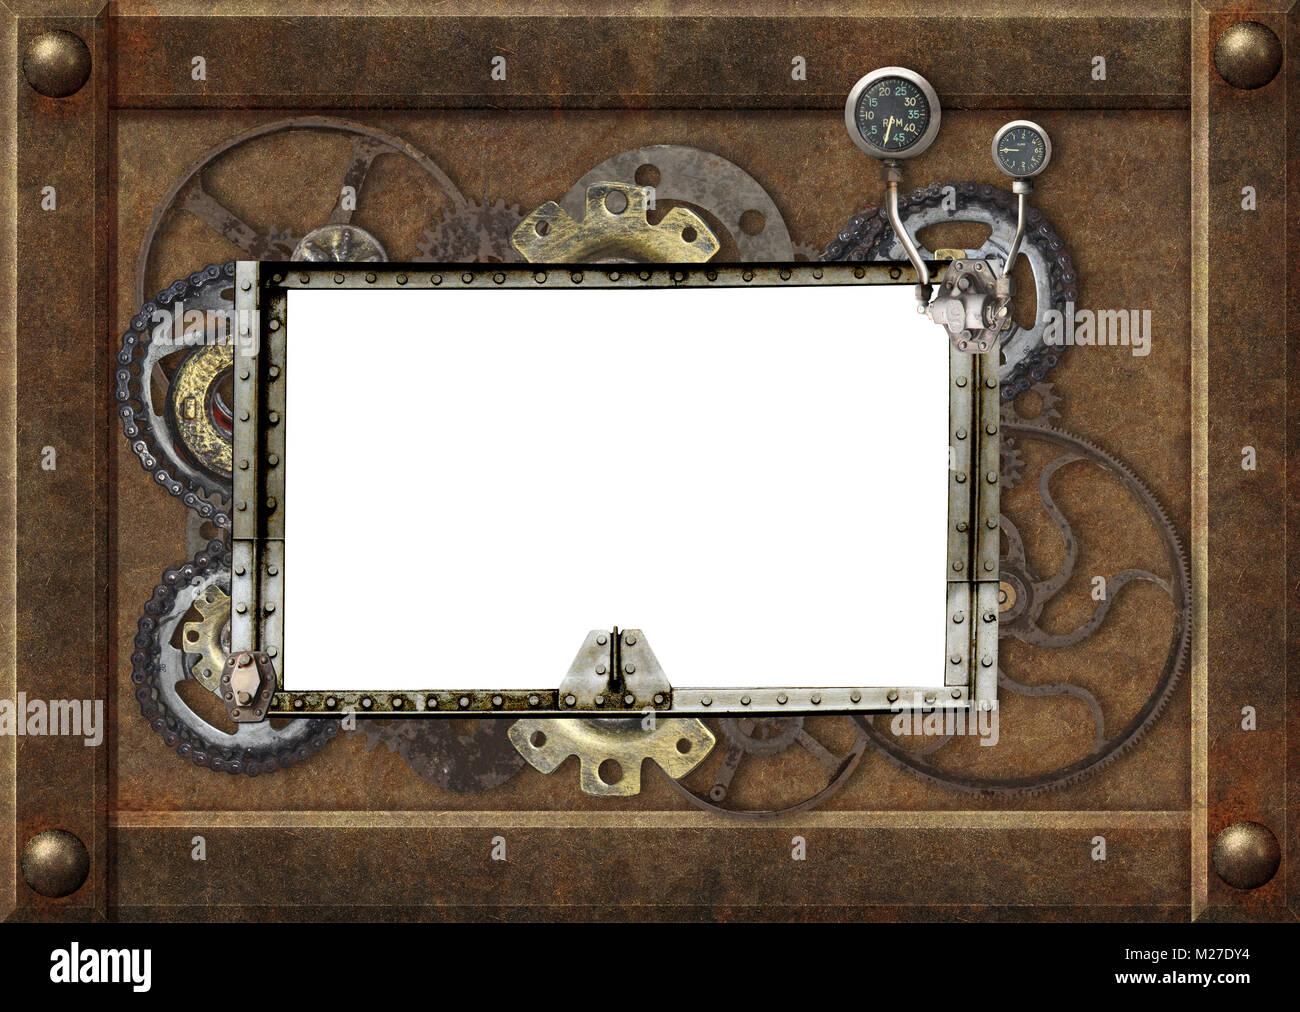 Fantastisch Der Rahmen Up Galerie - Benutzerdefinierte Bilderrahmen ...